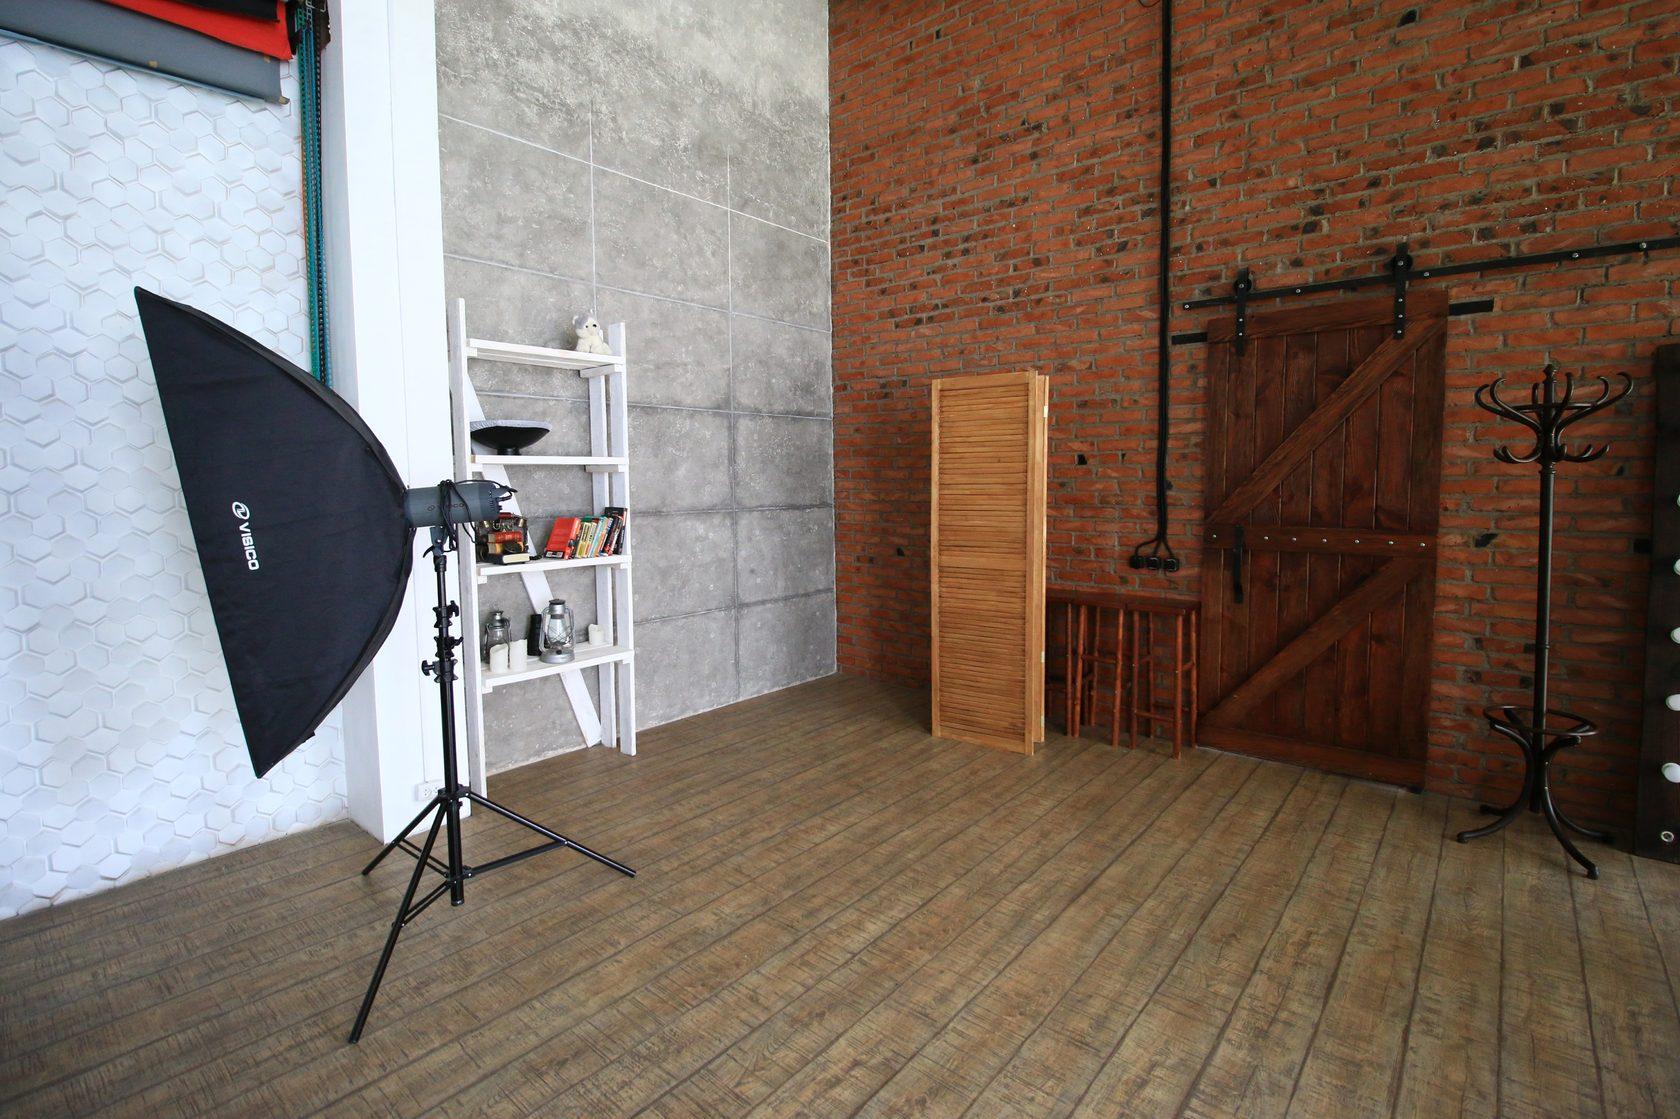 раскраску русская аренда фотостудии под мероприятие москва ждет увлекательная